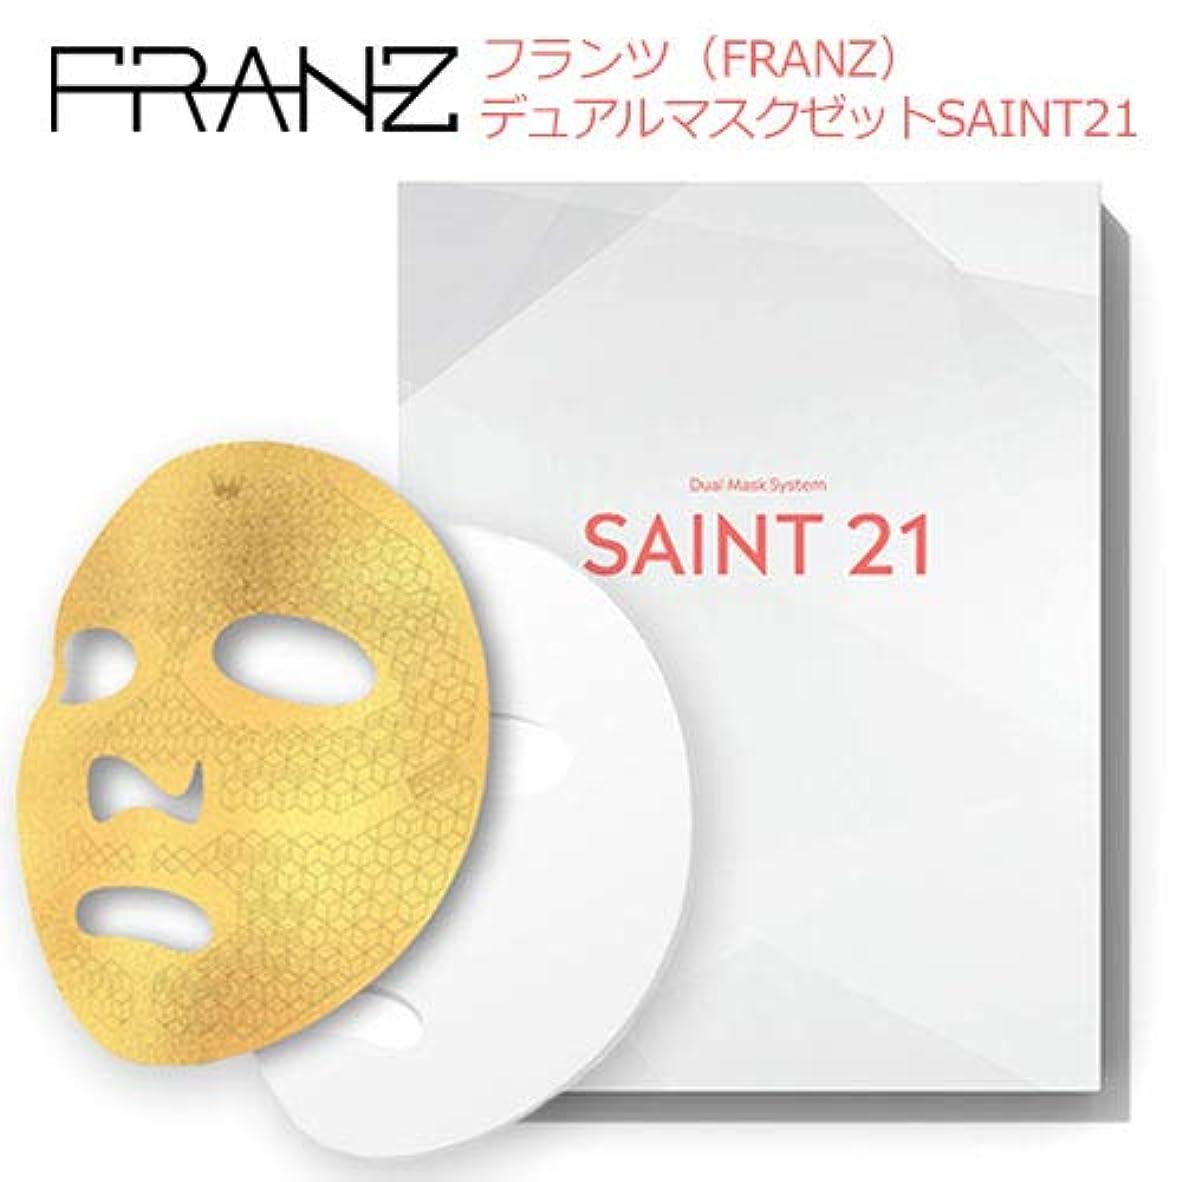 タウポ湖ベールスチュワーデスフランツ(FRANZ)SAINT21,デュアルゴールドマスク 1箱(2枚入) 微細電流マスク